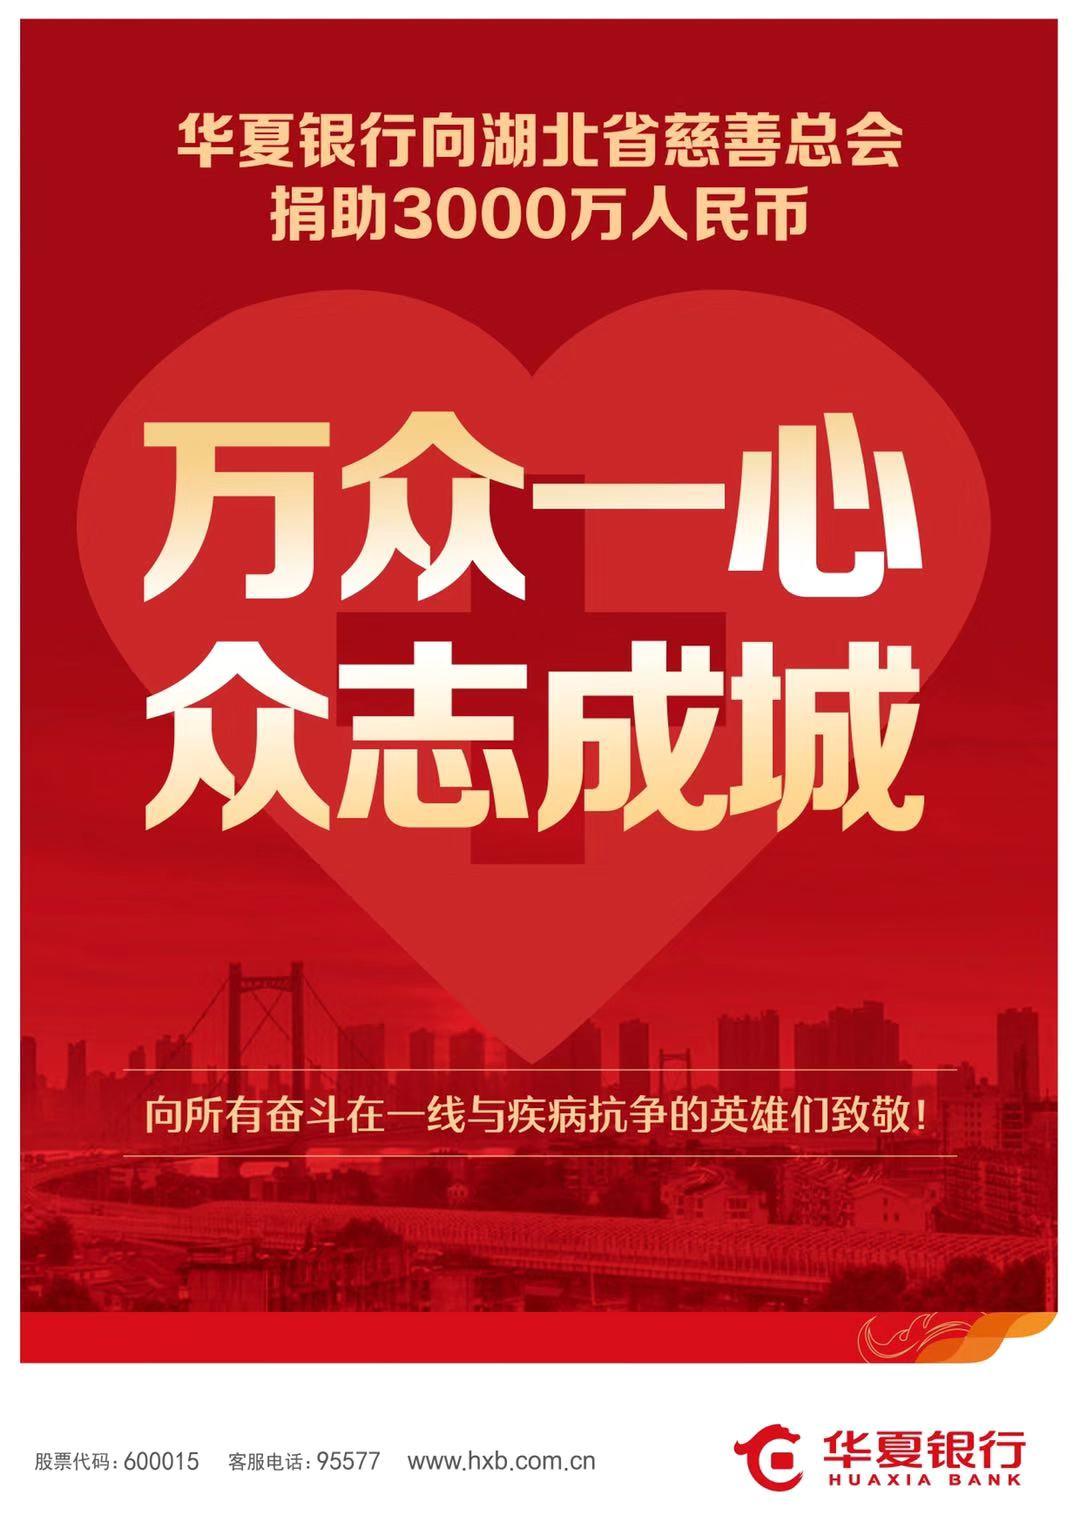 华夏银行捐款3000万 多措并举支持抗击疫情